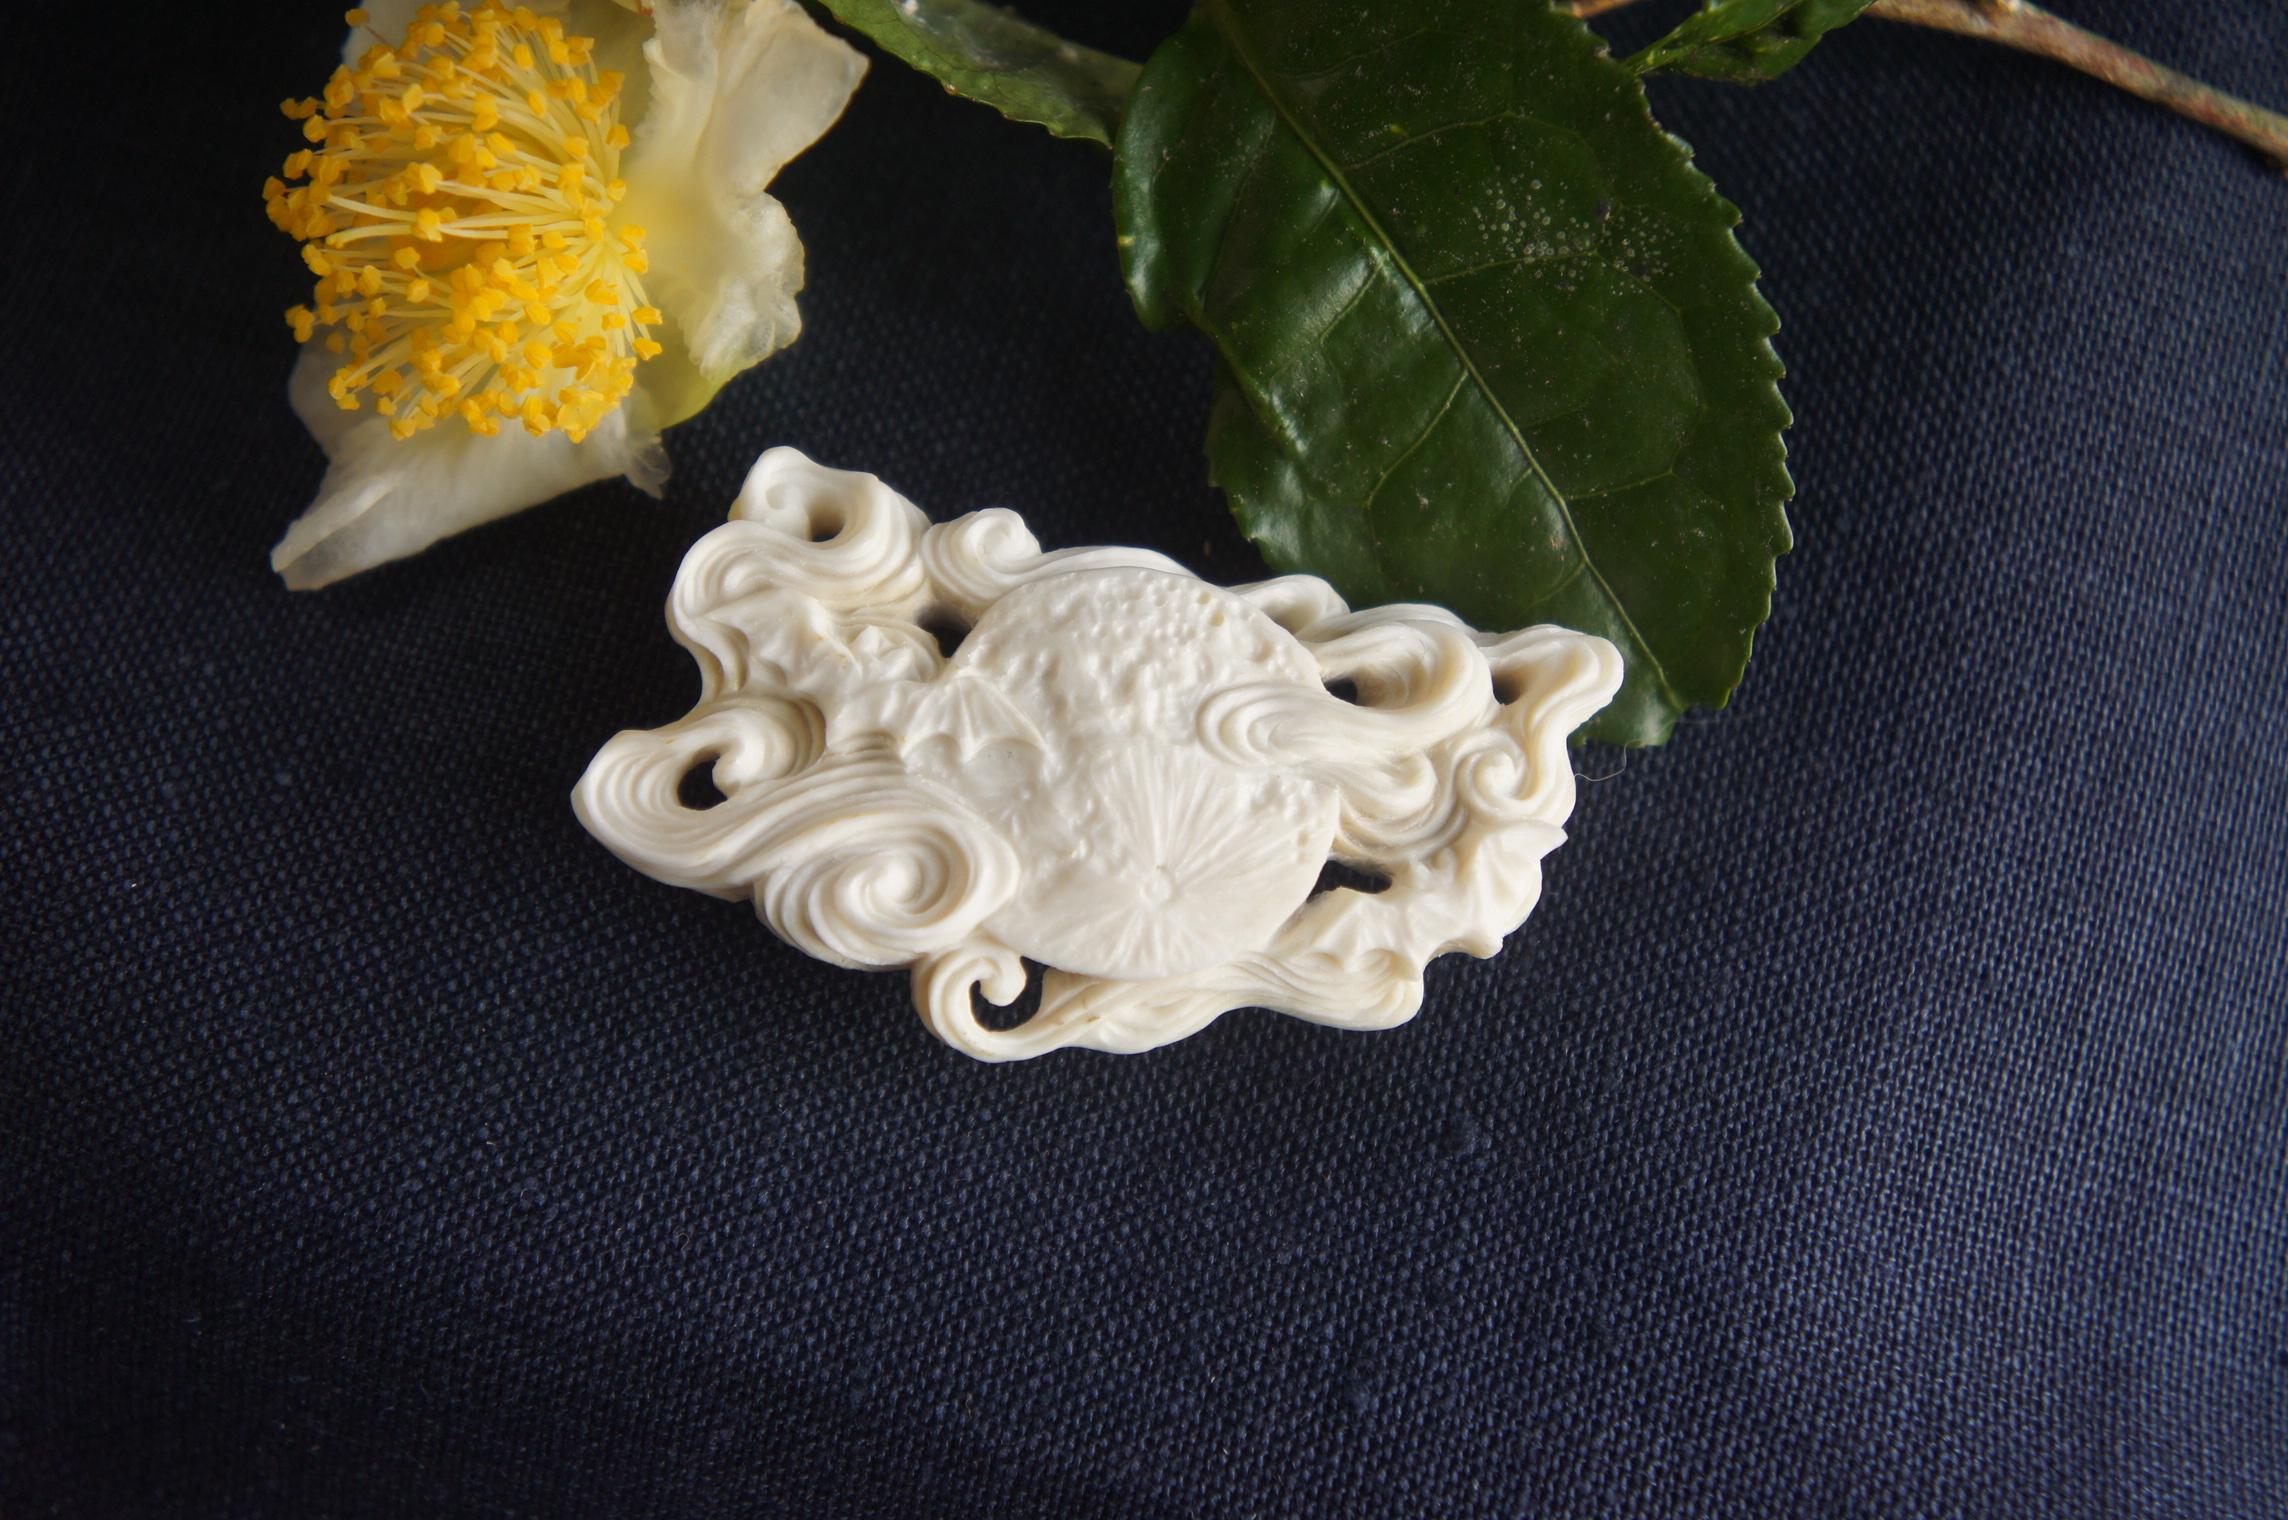 鹿角彫刻の帯留め「月齢」蝙蝠と浮雲